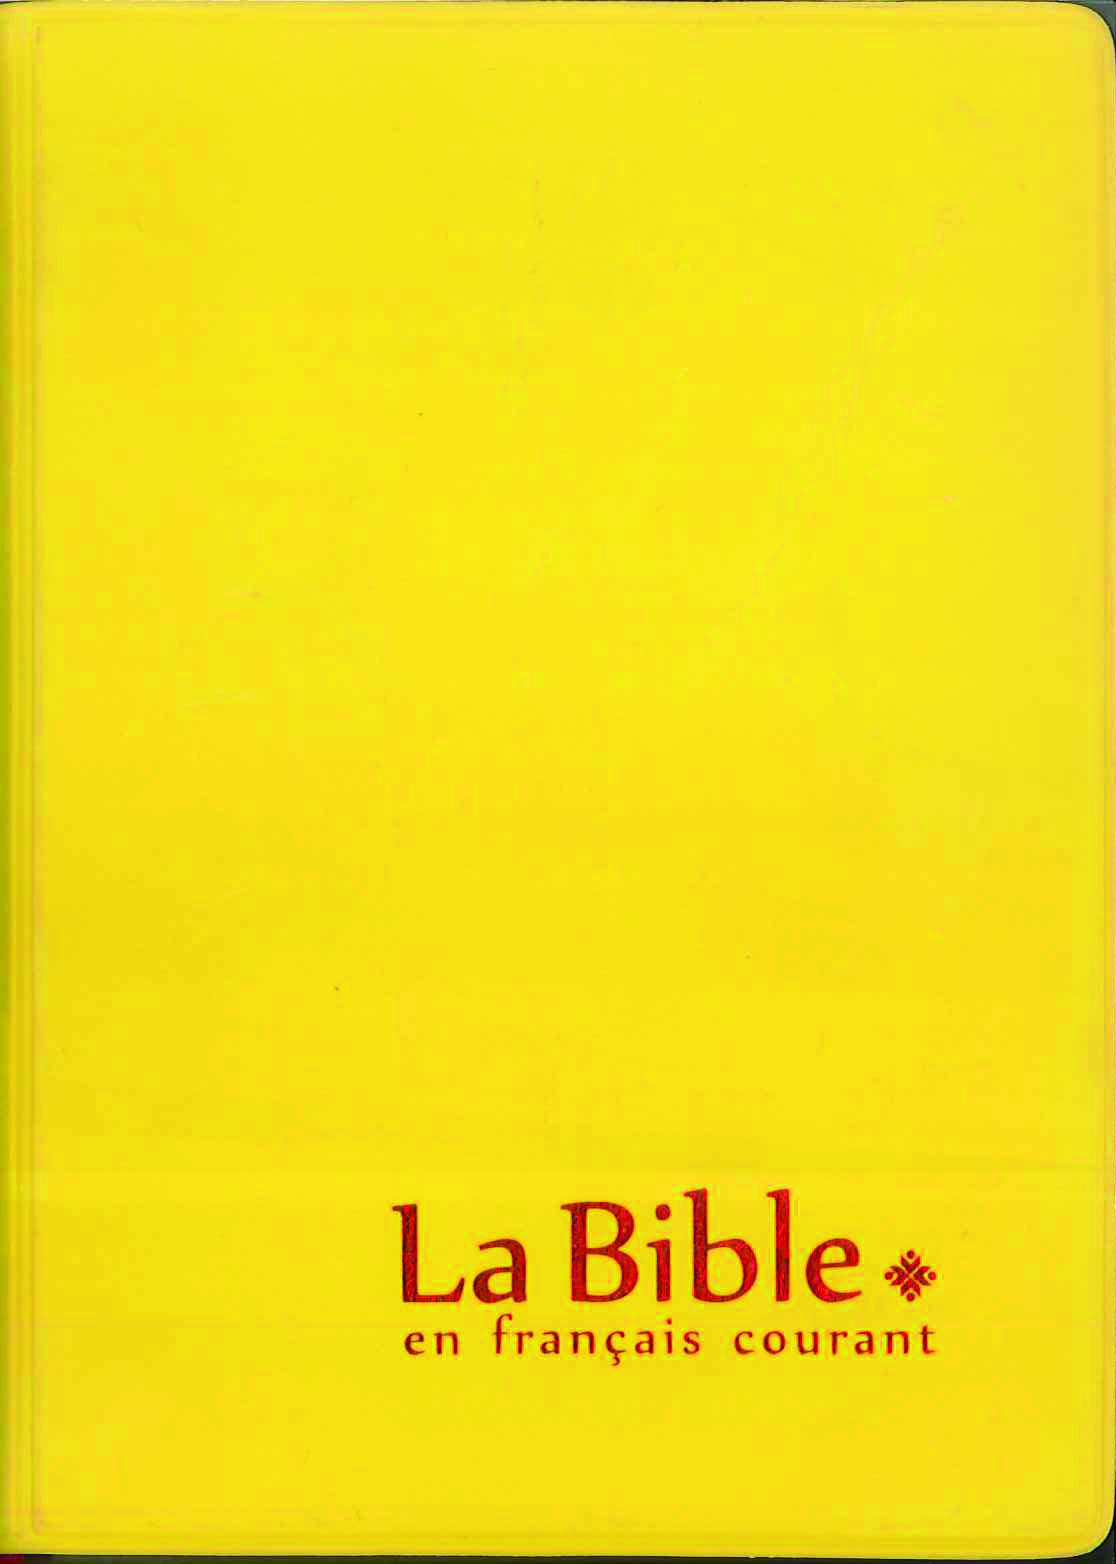 LA BIBLE MINI EN FRANCAIS COURANT + DC JAUNE, VYNIL SOUPLE